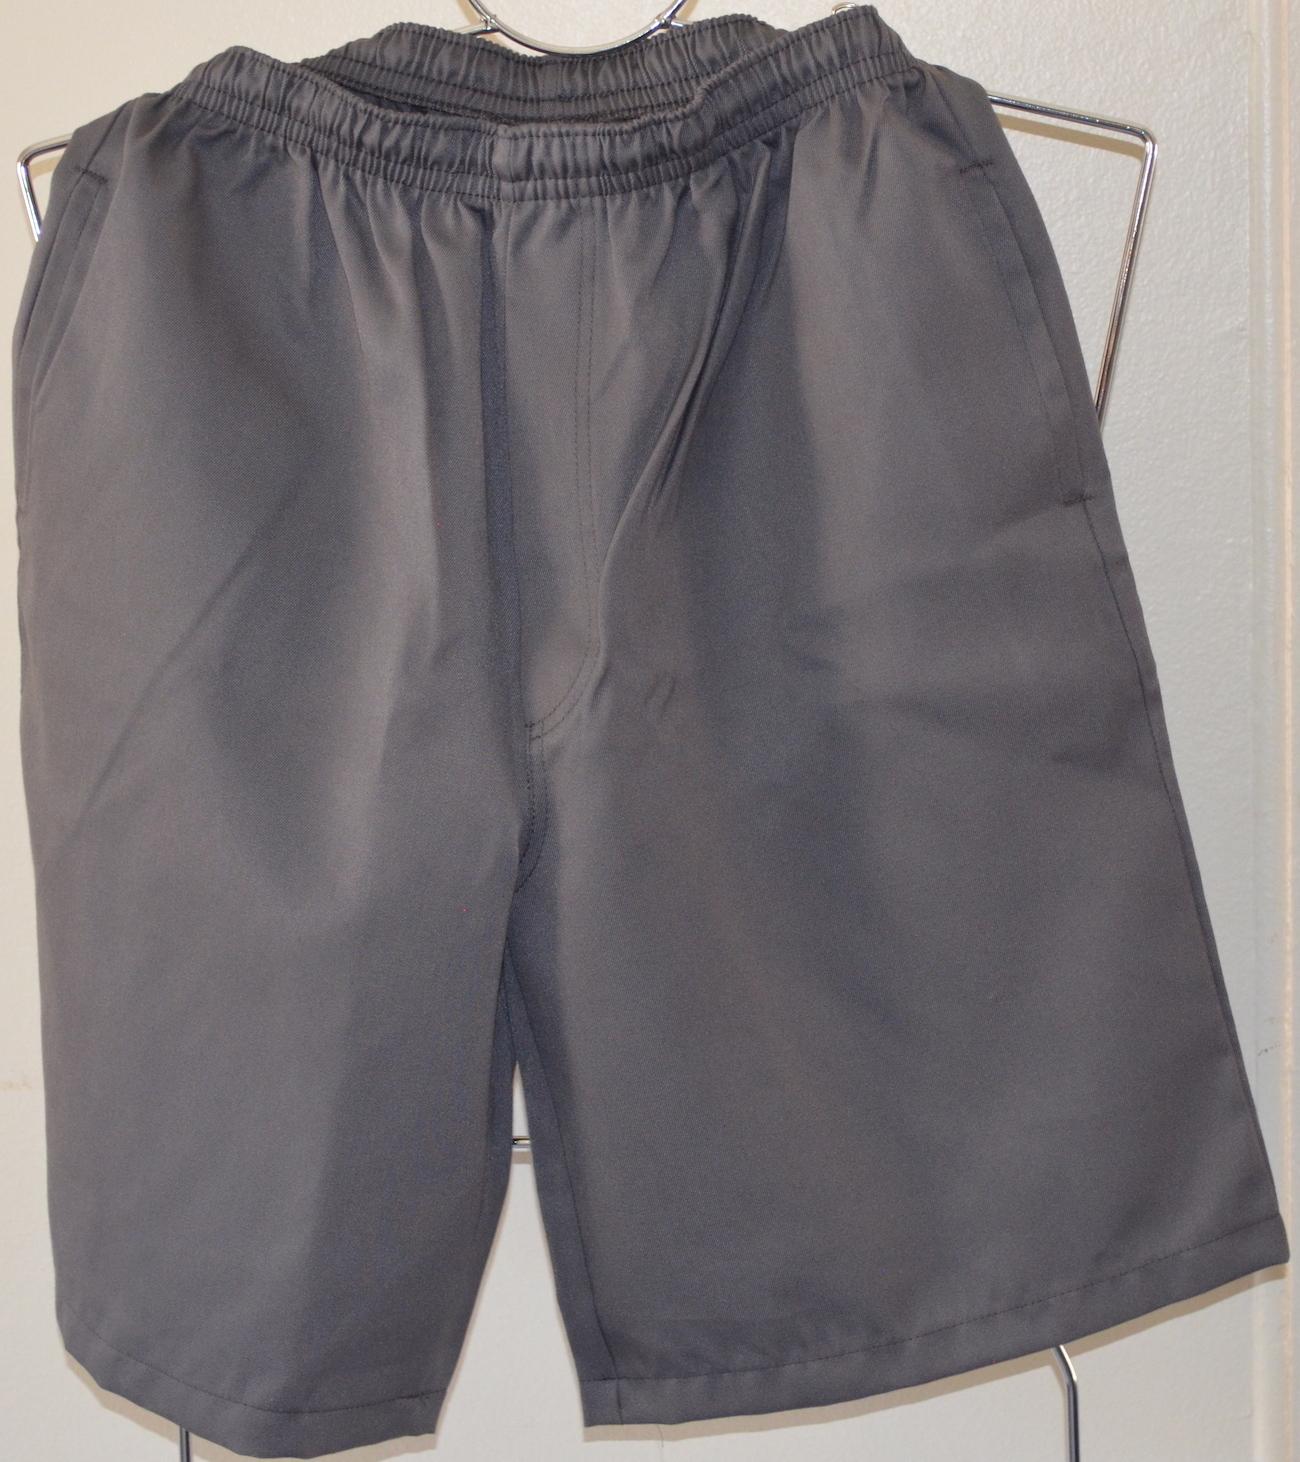 Senior boy's shorts